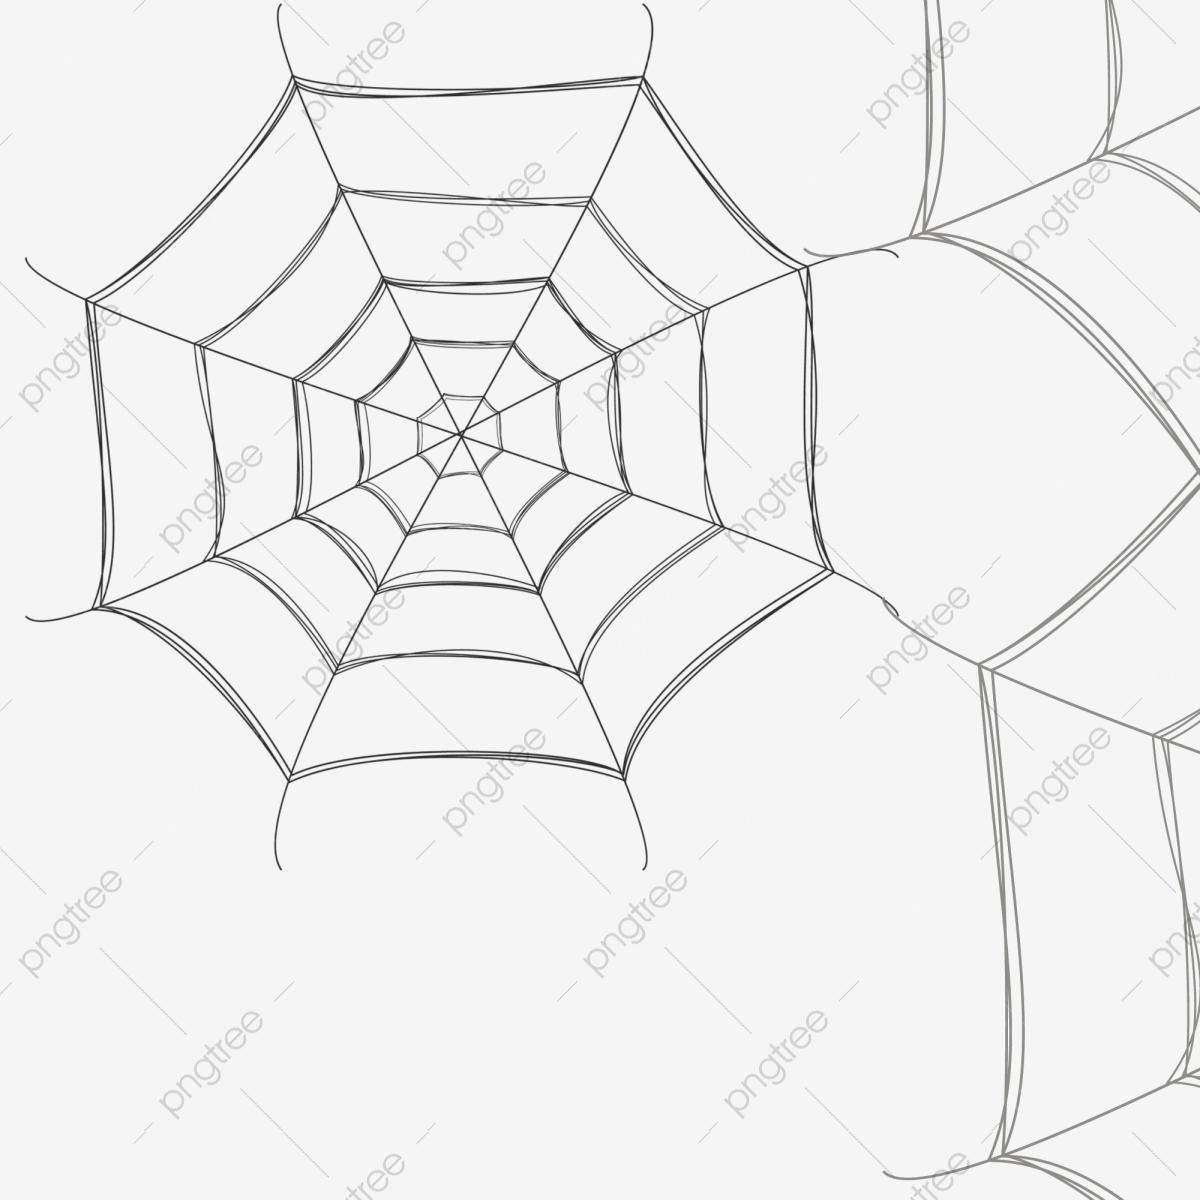 Fotos De Desenhos De Teia De Aranha De Teia De Aranha O Icone De